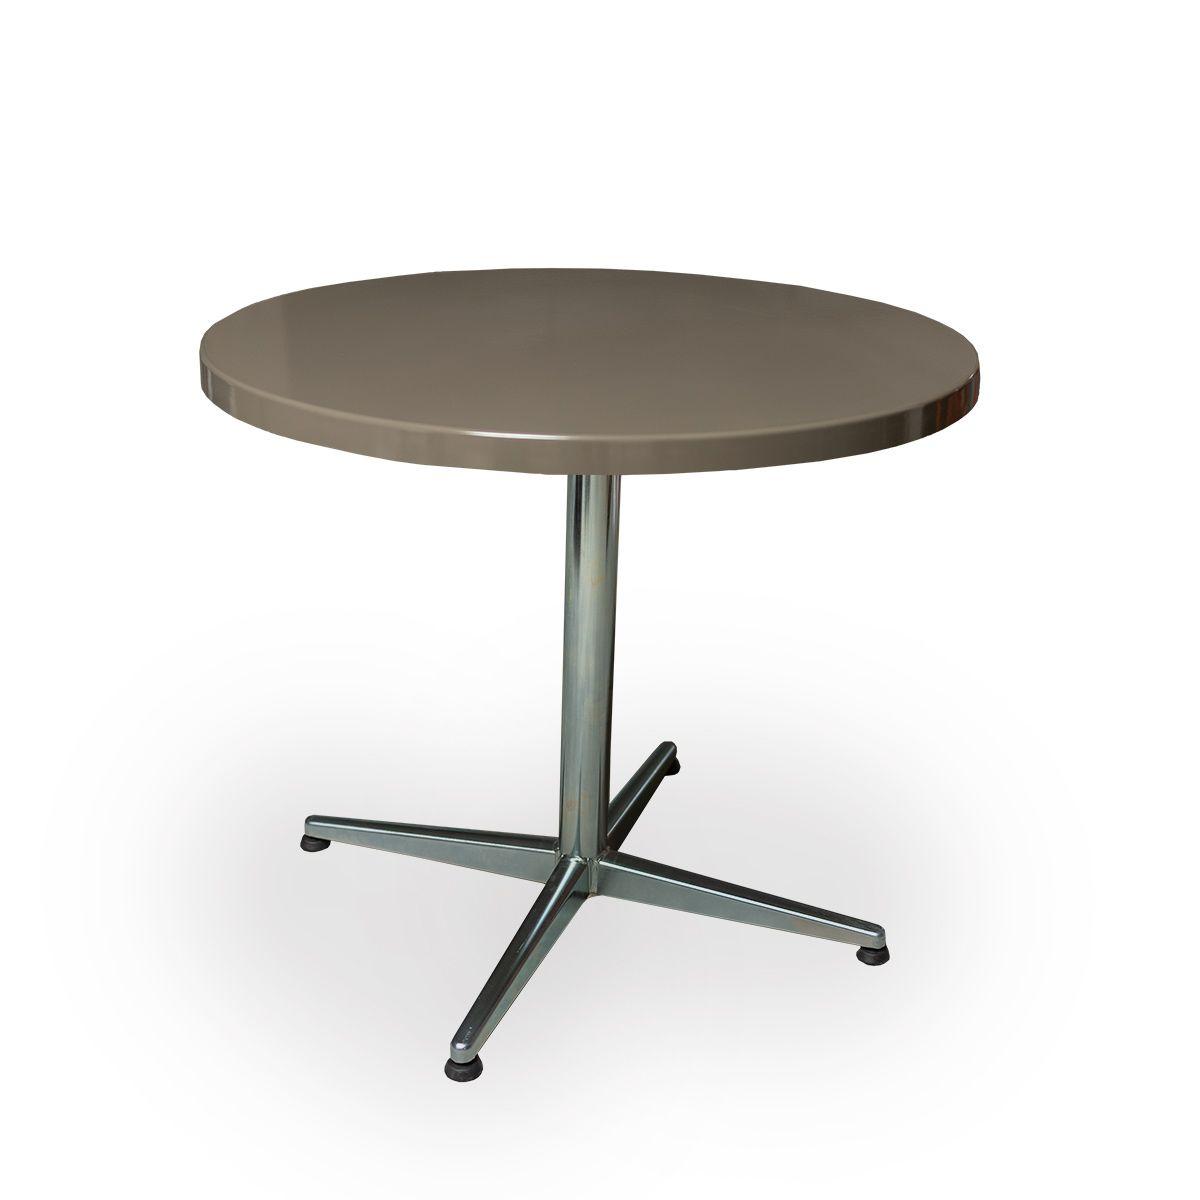 GFK Tisch beigegrau, glanz, Untergestell galvanisch, 4-Stern Basic, D 80 x 3.5 cm, H 73 cm